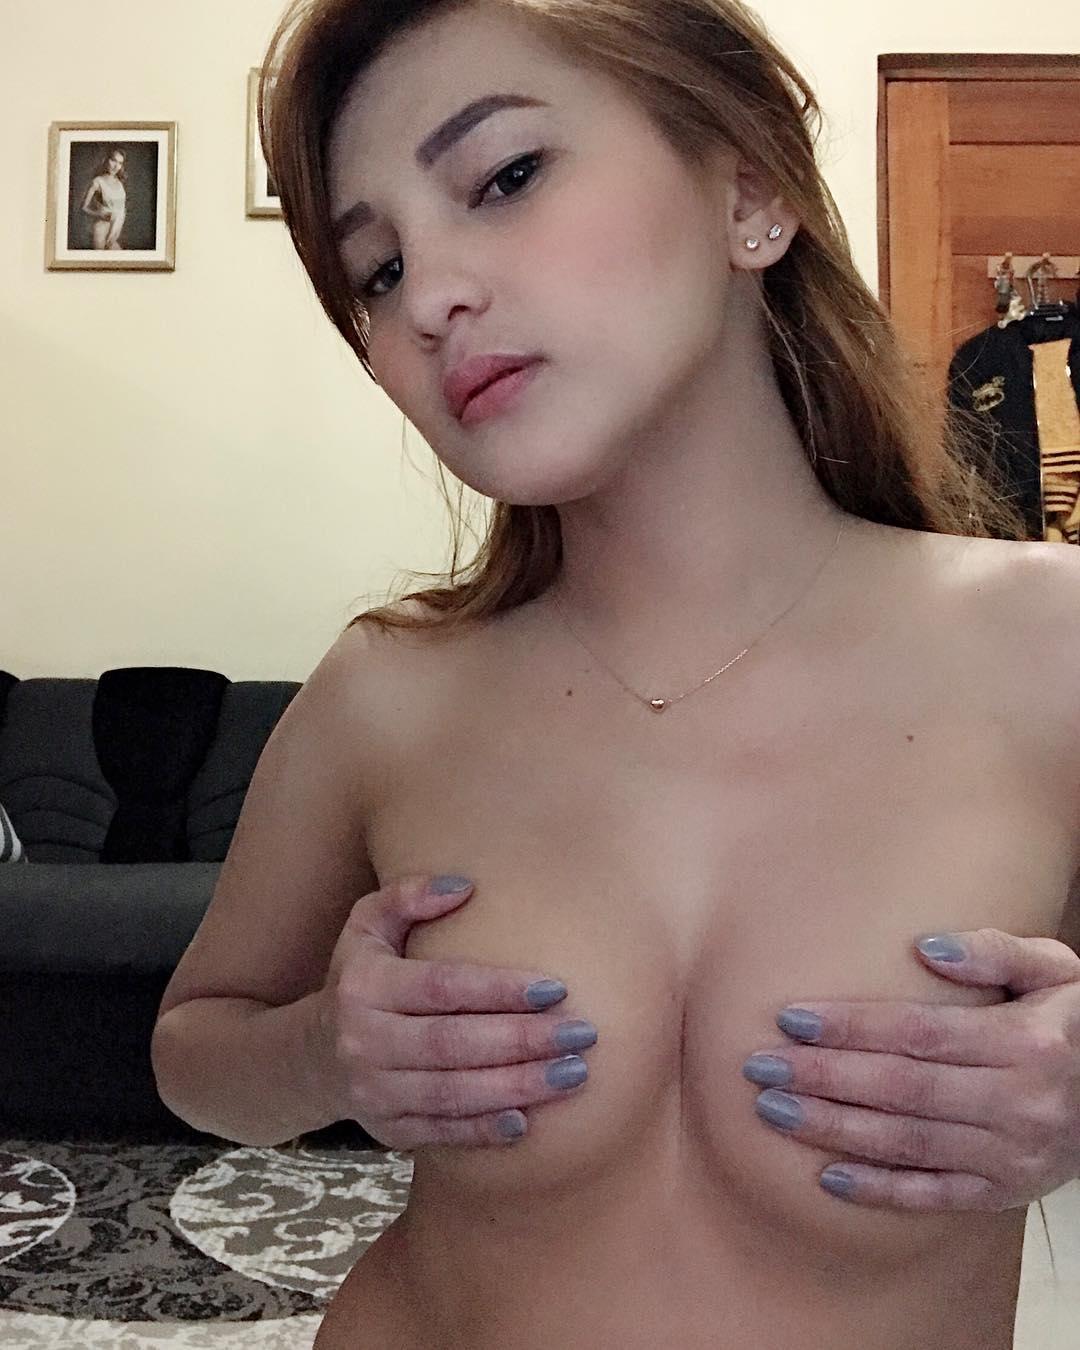 barbie alcantara sexy naked pics 04